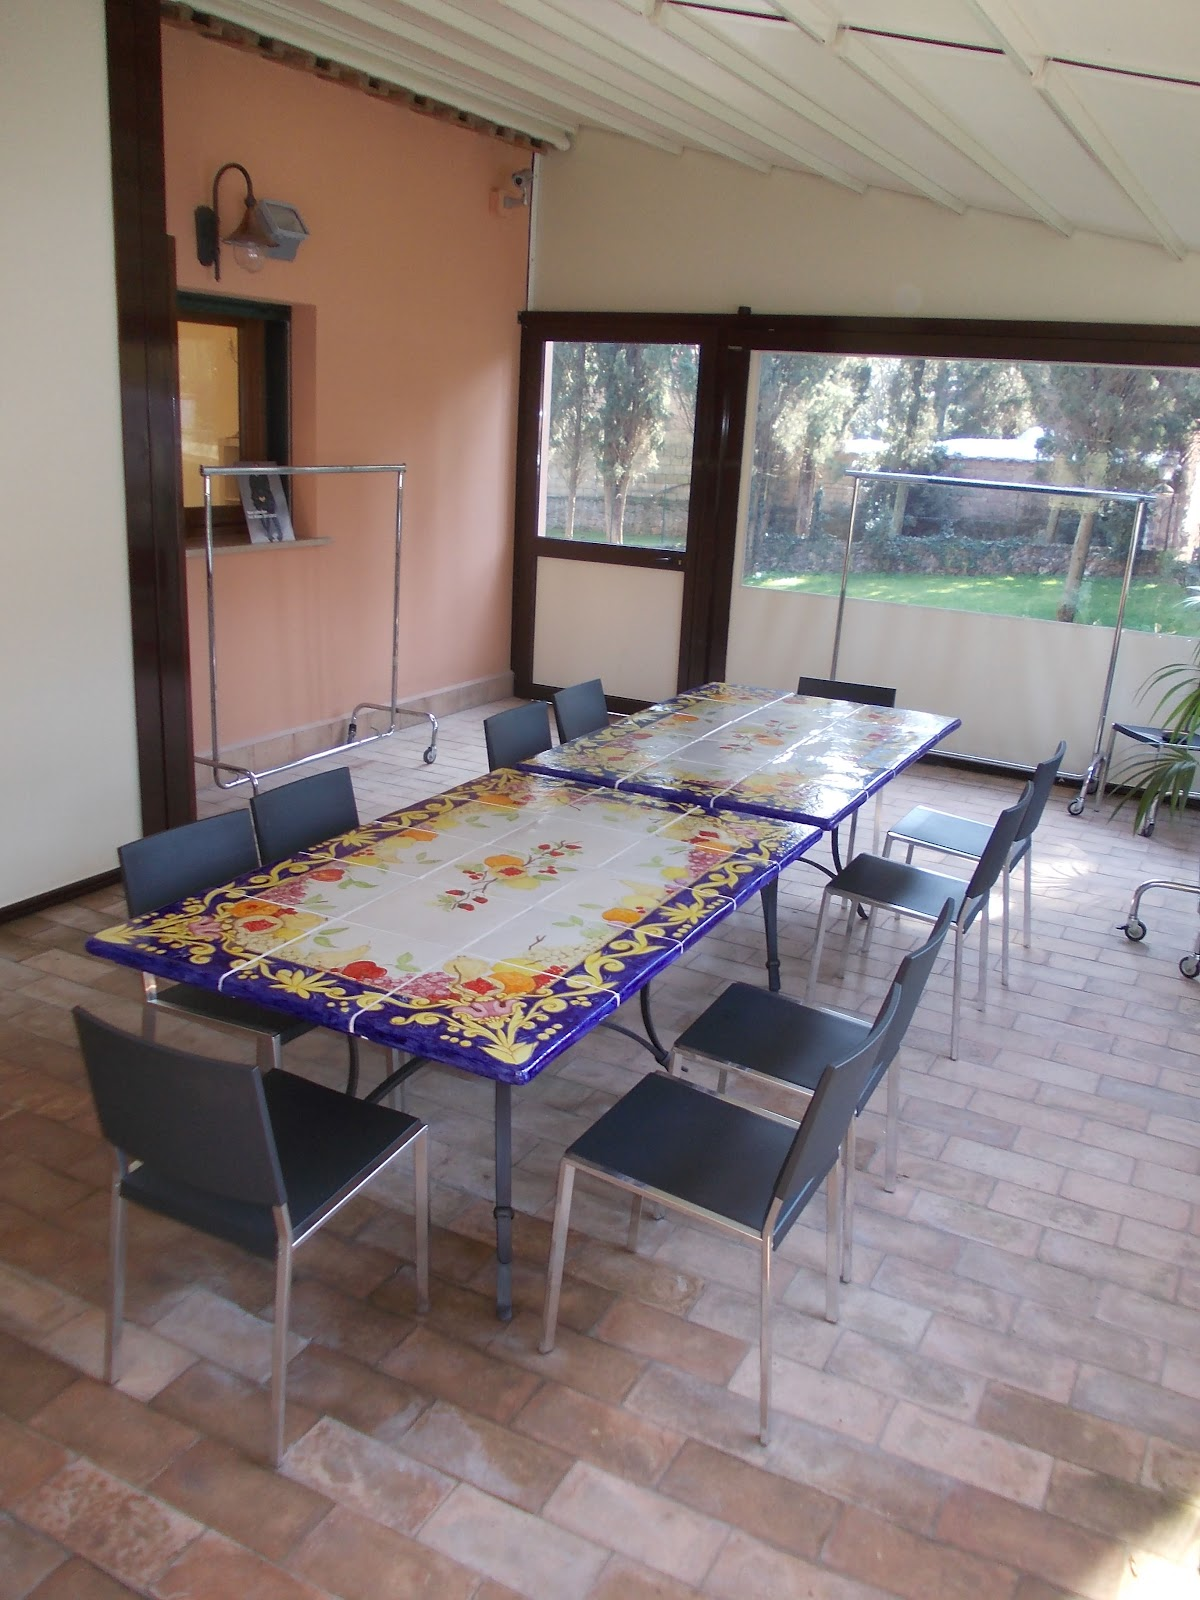 Vico condotti tavoli da interno e da giardino in ceramica - Tavolino esterno ...